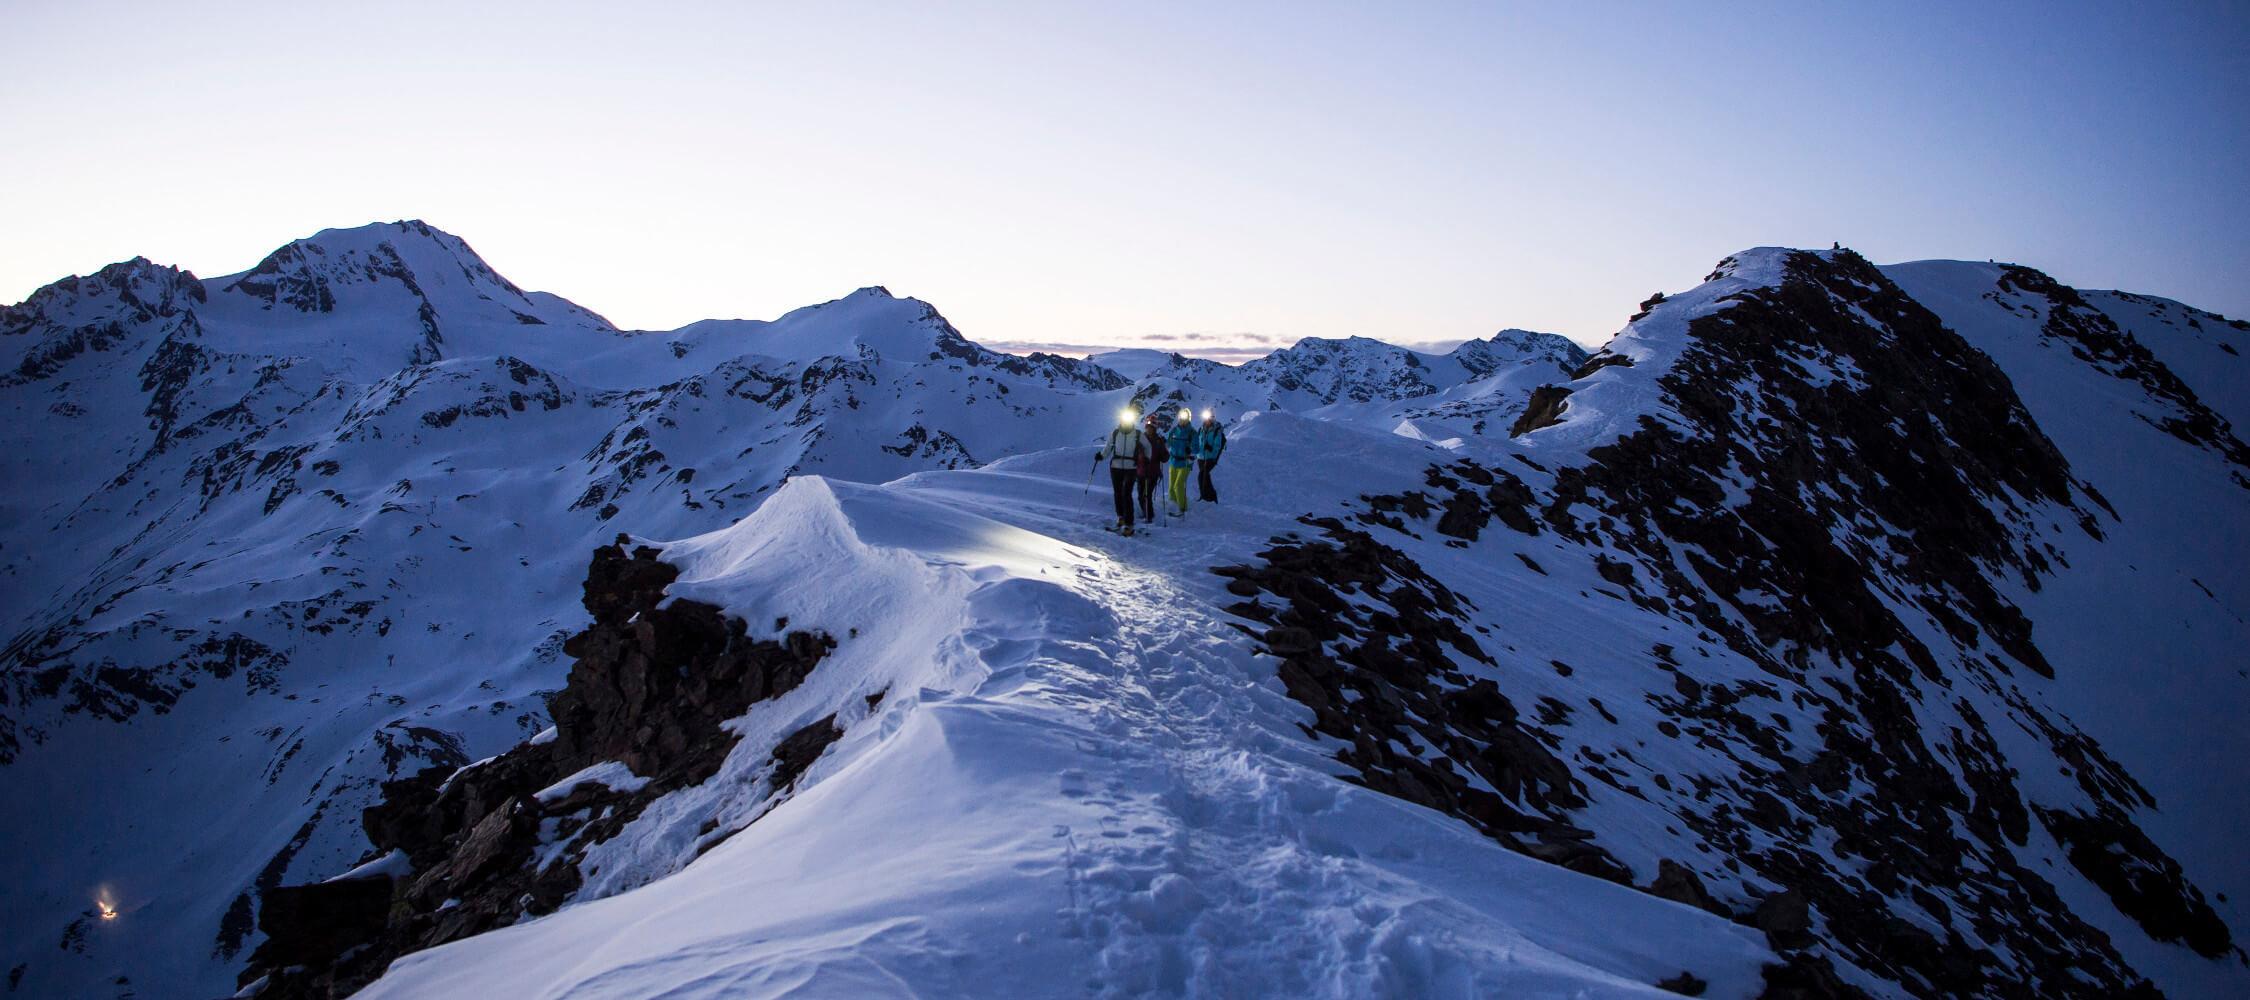 Italien-Trentino_Suedtirol_Alto_Adige_Merano_Meran_Natur_Sport_Winter_Schnee_Skitouren_Schnalstal_Gletscher_MGM-Alex- Filz_mgm01074scgl_2250x1000